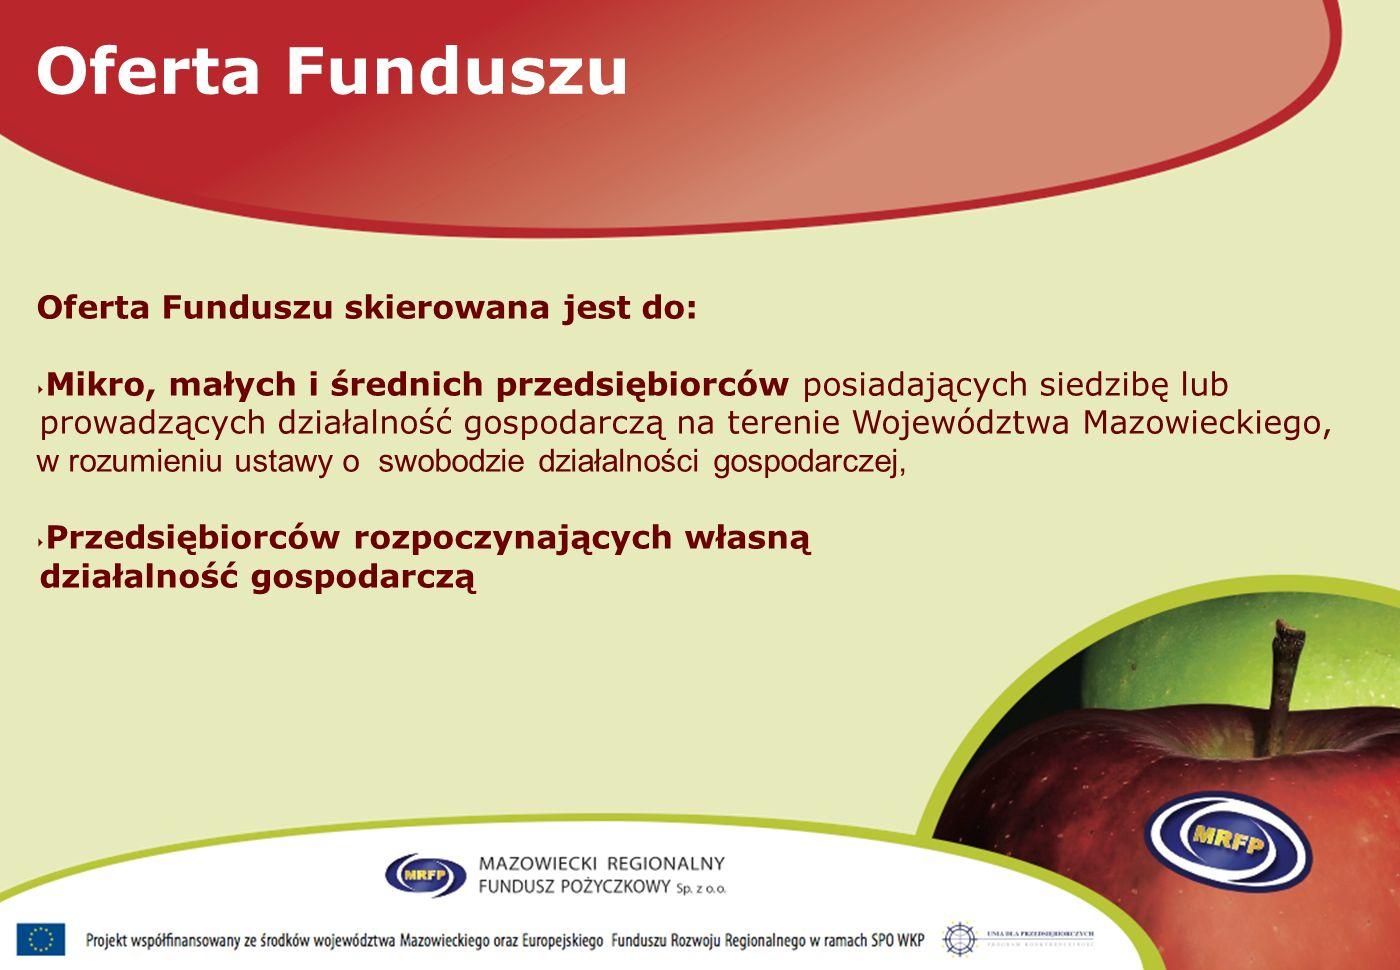 Oferta Funduszu skierowana jest do: Mikro, małych i średnich przedsiębiorców posiadających siedzibę lub prowadzących działalność gospodarczą na terenie Województwa Mazowieckiego, w rozumieniu ustawy o swobodzie działalności gospodarczej, Przedsiębiorców rozpoczynających własną działalność gospodarczą Oferta Funduszu